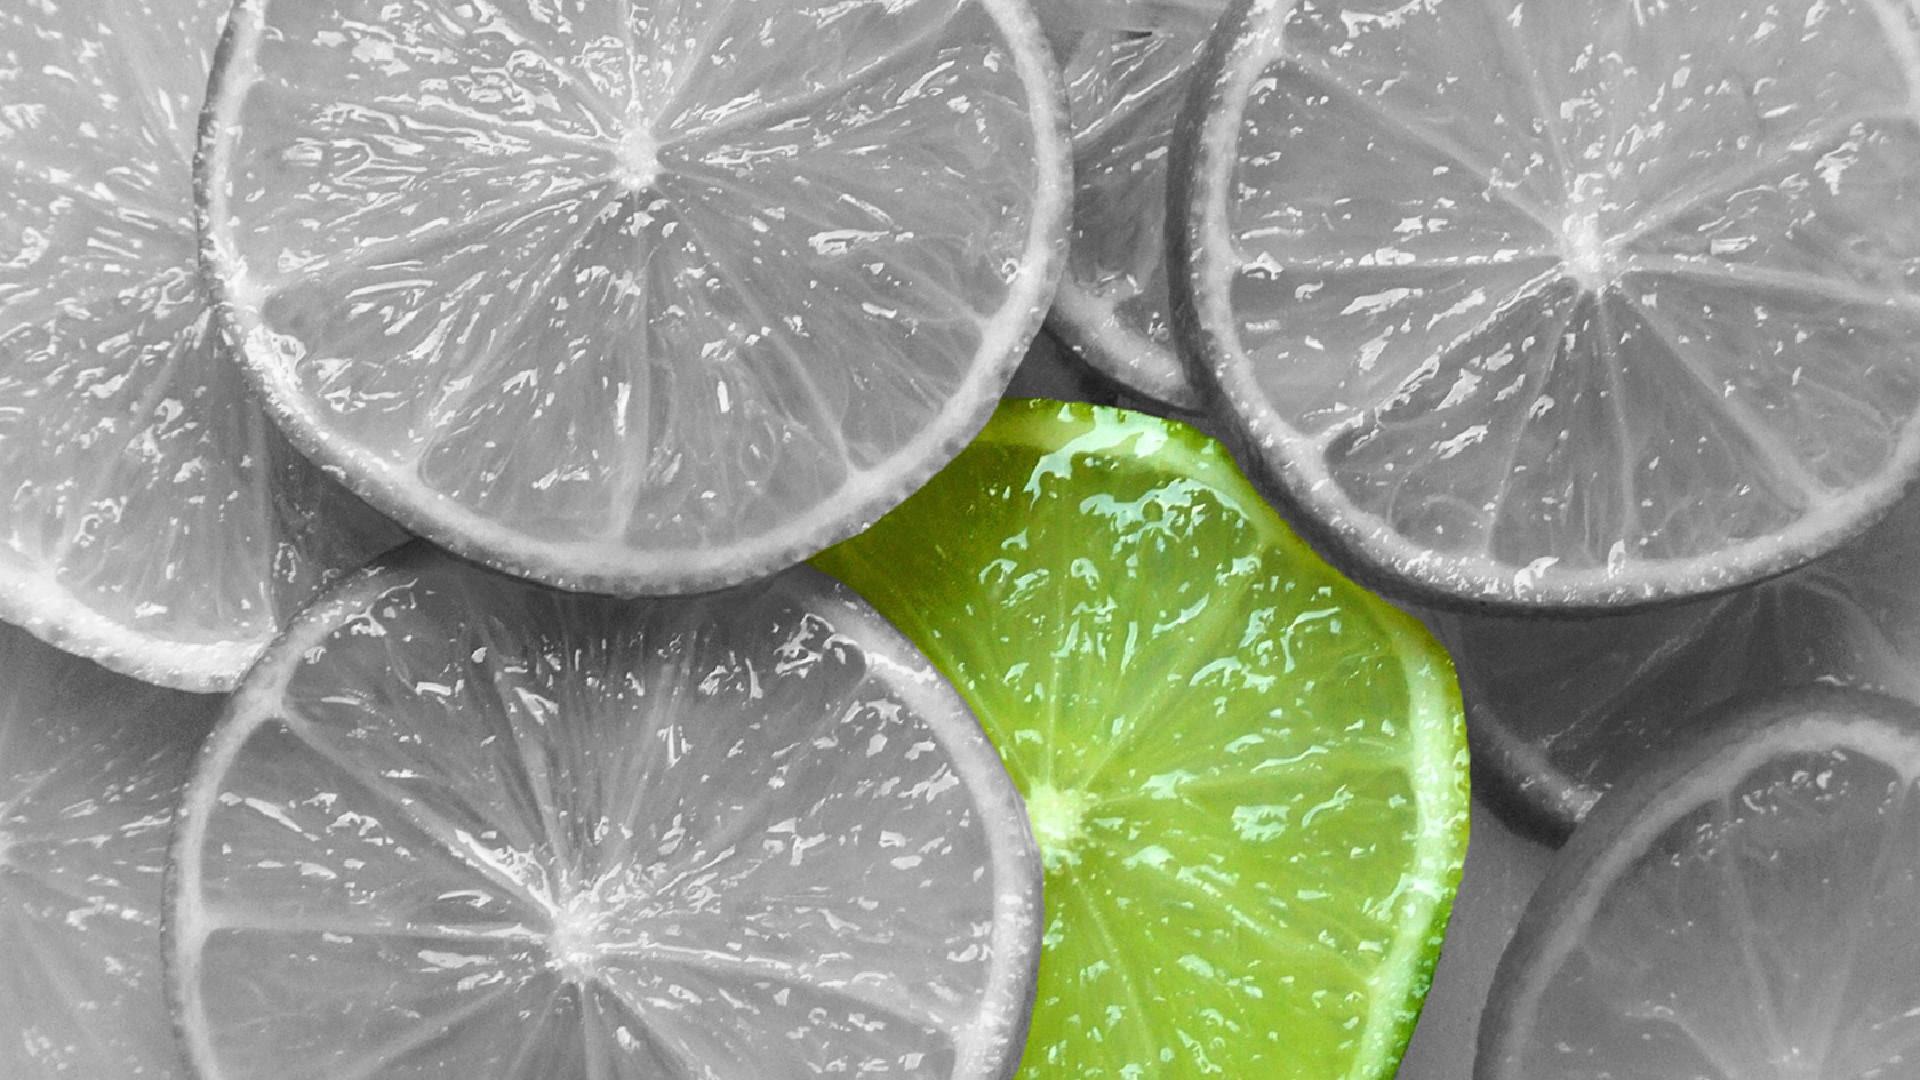 بالصور صور اجمل خلفيات الكمبيوتر 3 احدث خلفيات سطح المكتب خلفيات متنوعه لسطح المكتب , صور حلوة ورائعه 3957 9